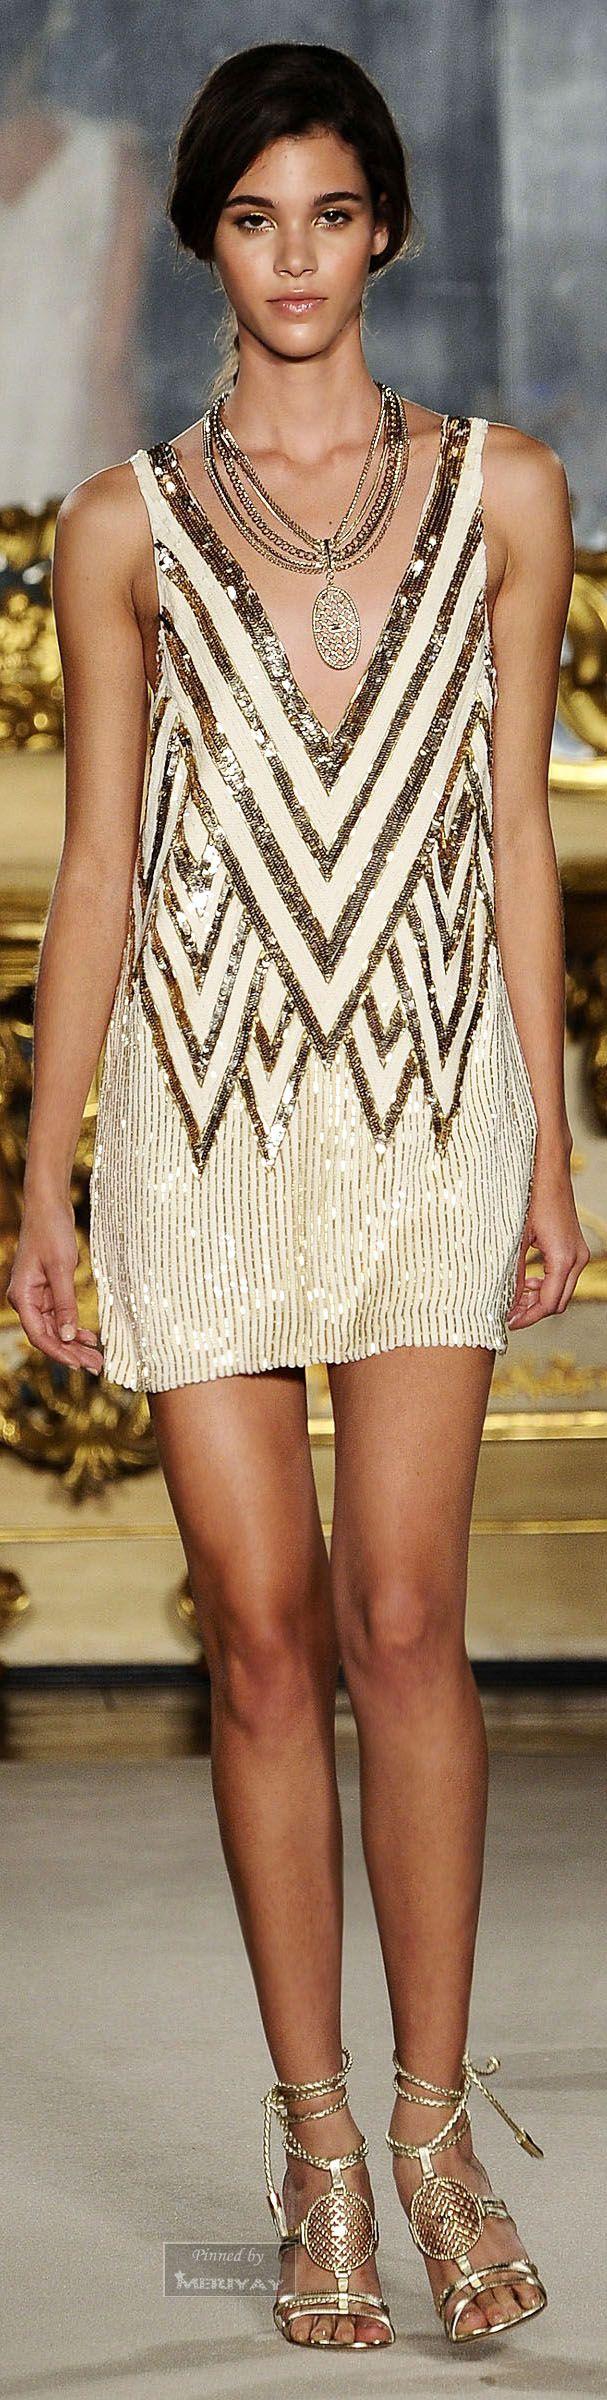 Elisabetta Franchi white & gold sleeveless dress Holiday Christmas Style #UNIQUE_WOMENS_FASHION